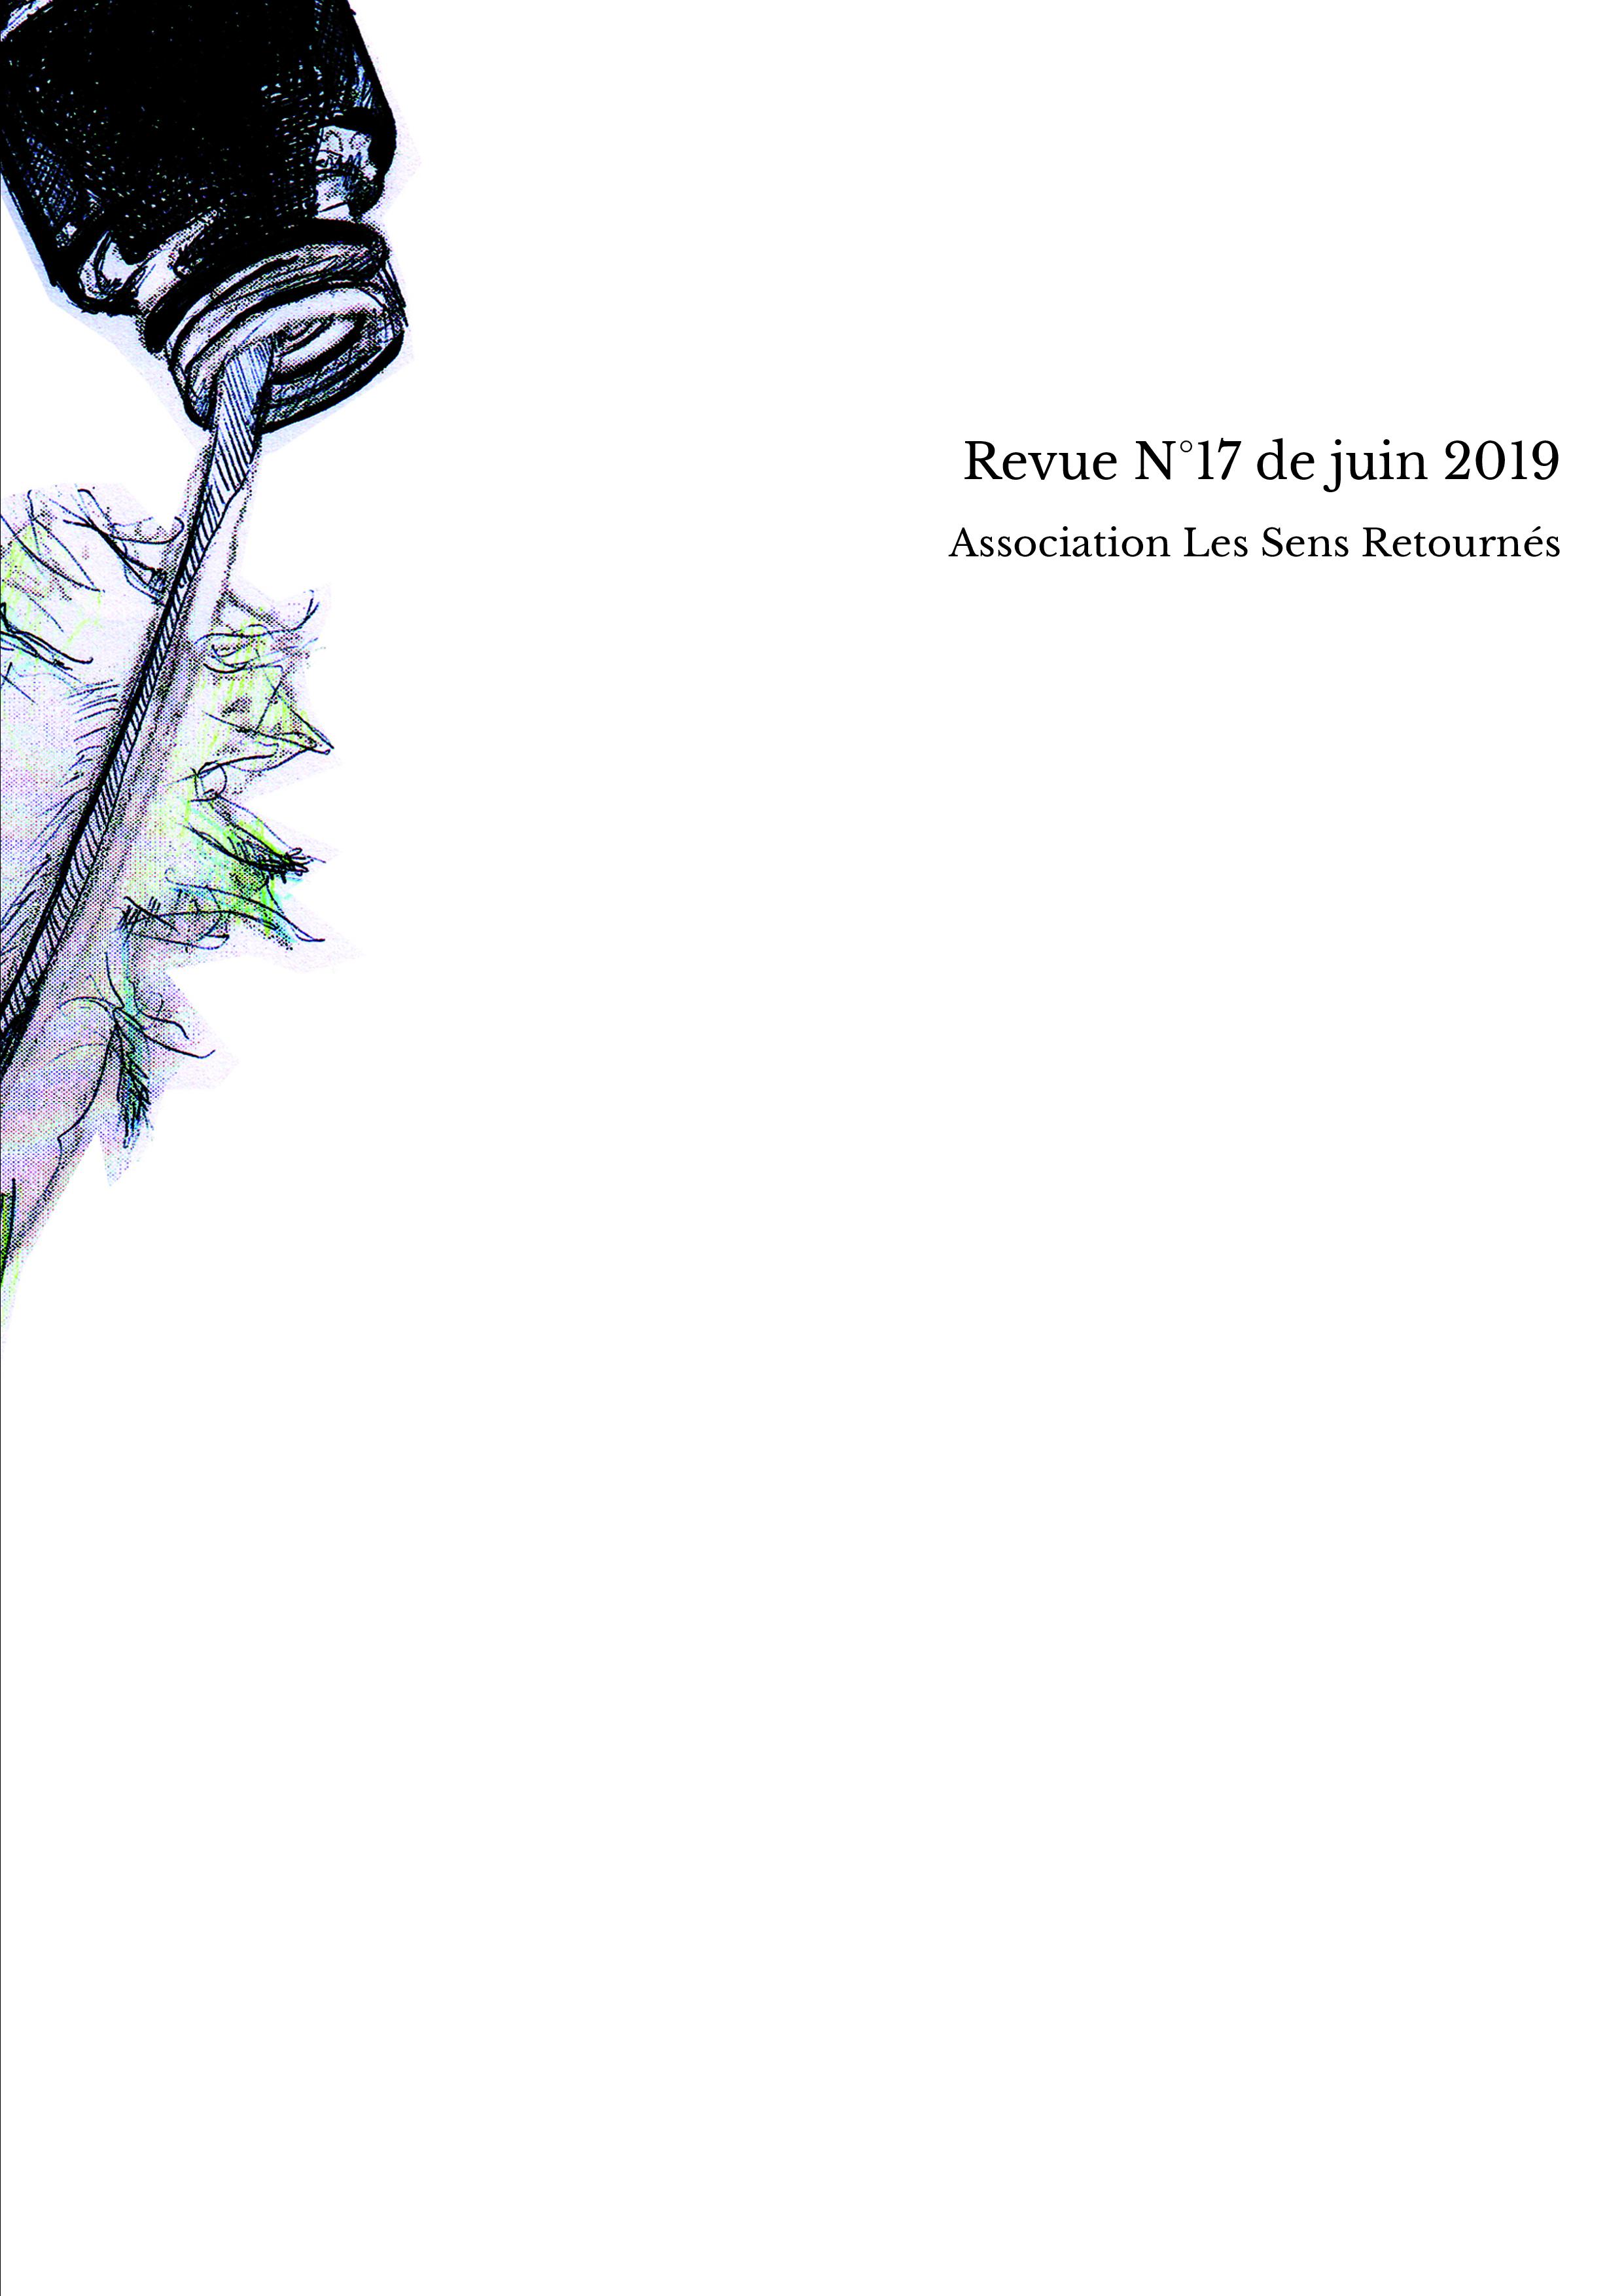 Revue N°17 de juin 2019